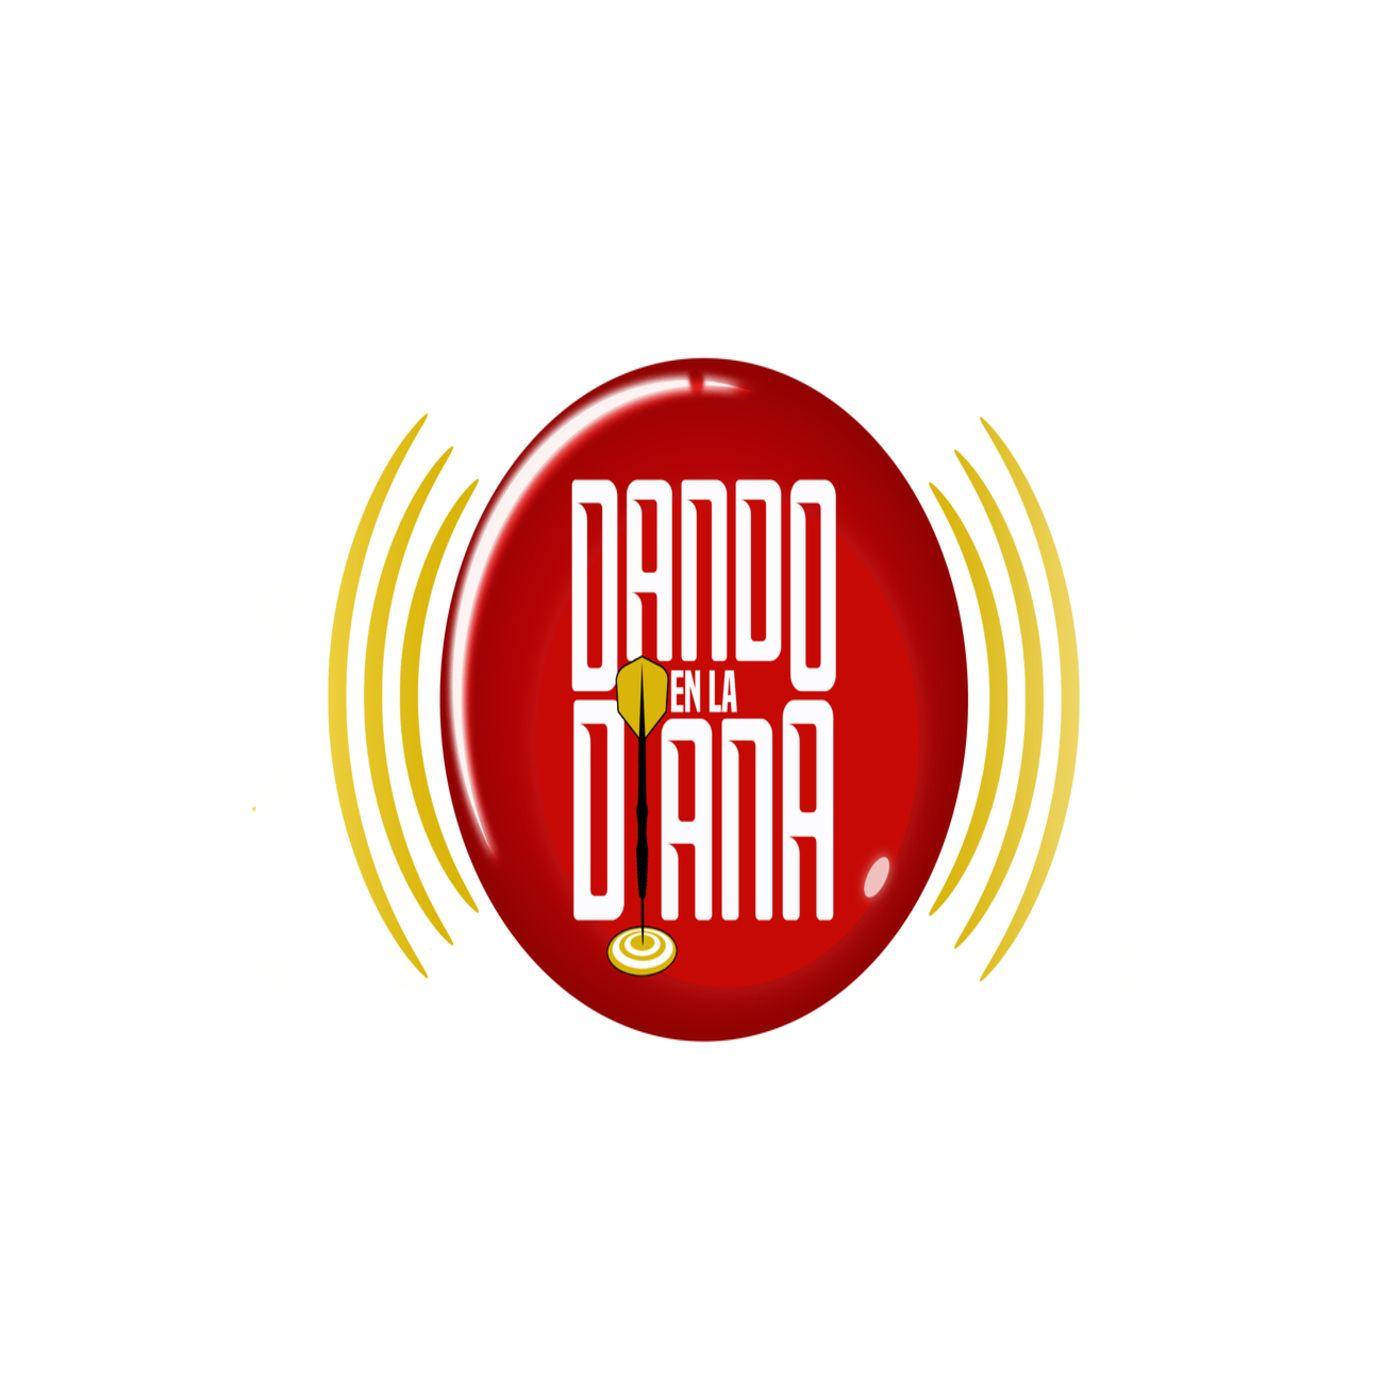 Dando en la Diana - Episodio 81 - 21 Diciembre 2020 - José Ángel Morván